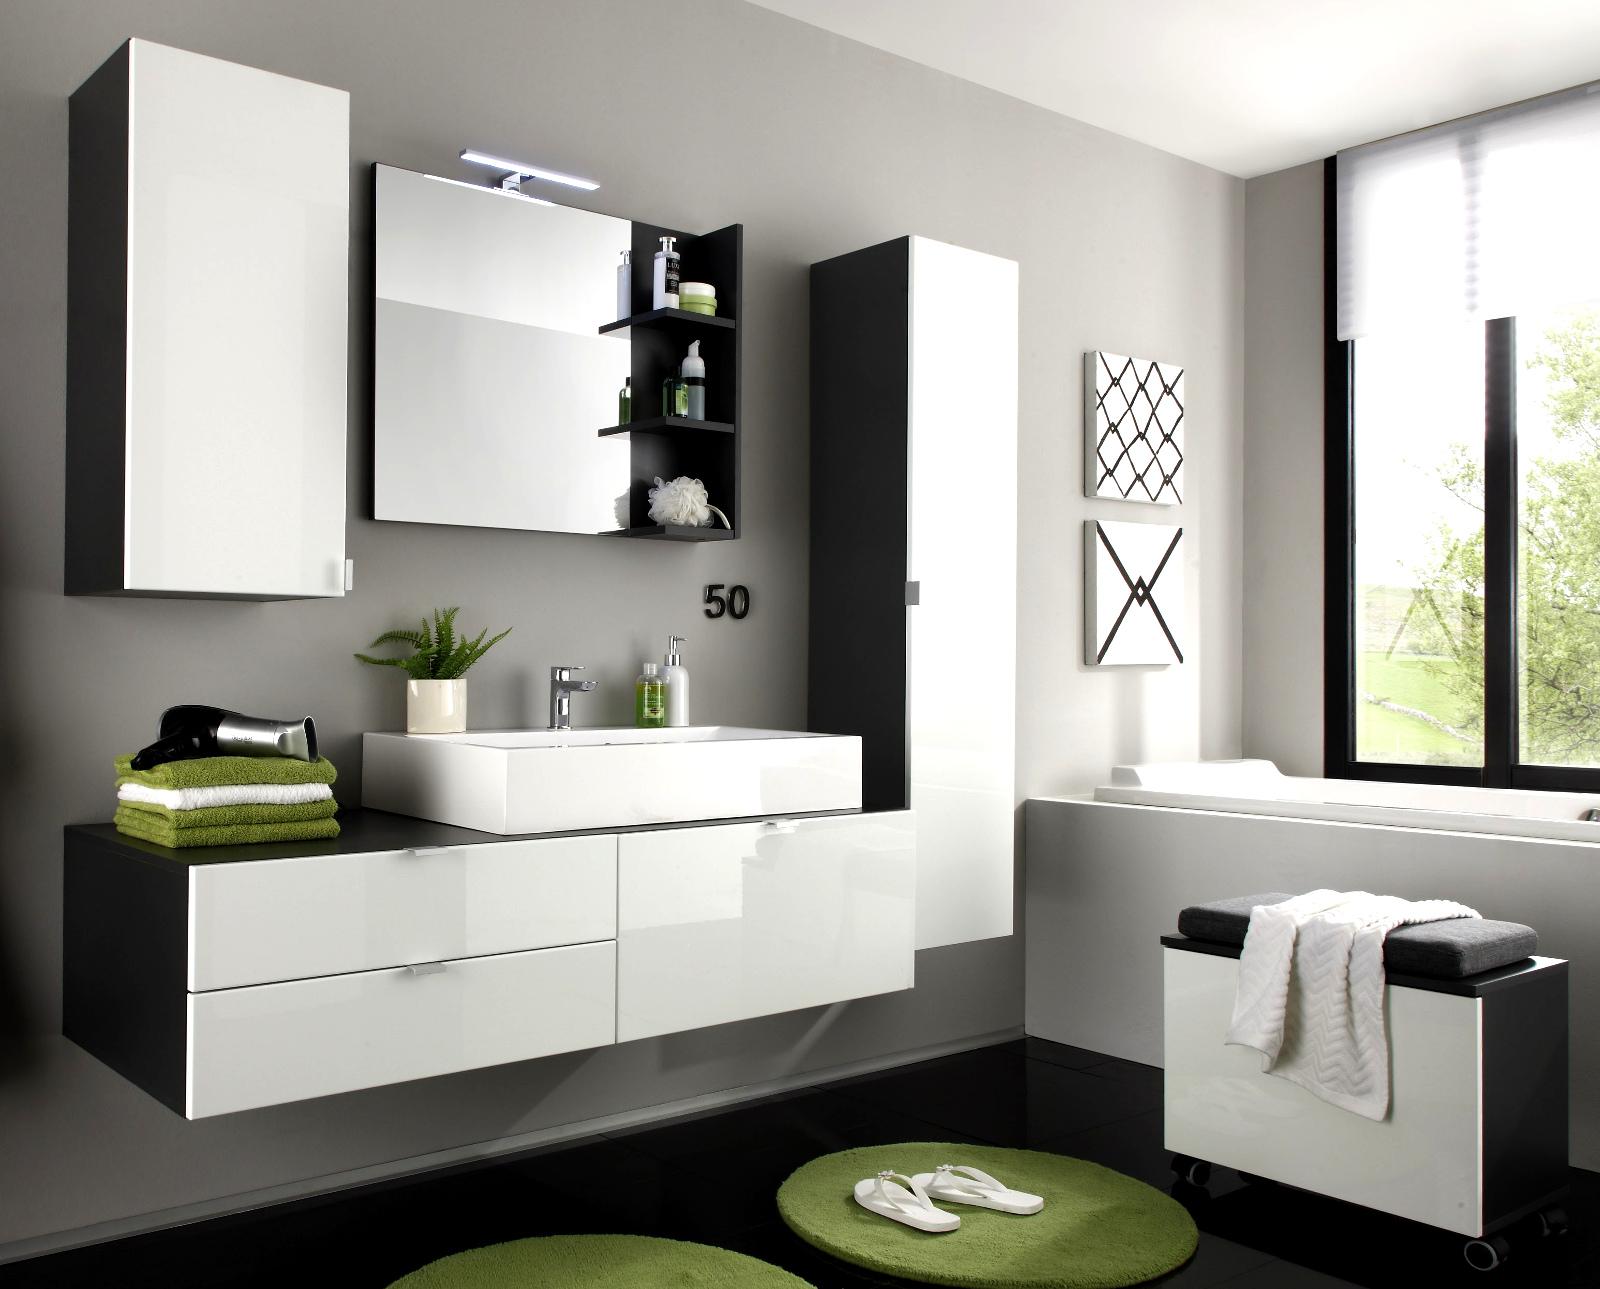 bad hochschrank h ngeschrank weiss hochglanz und grau badezimmer schrank beach ebay. Black Bedroom Furniture Sets. Home Design Ideas